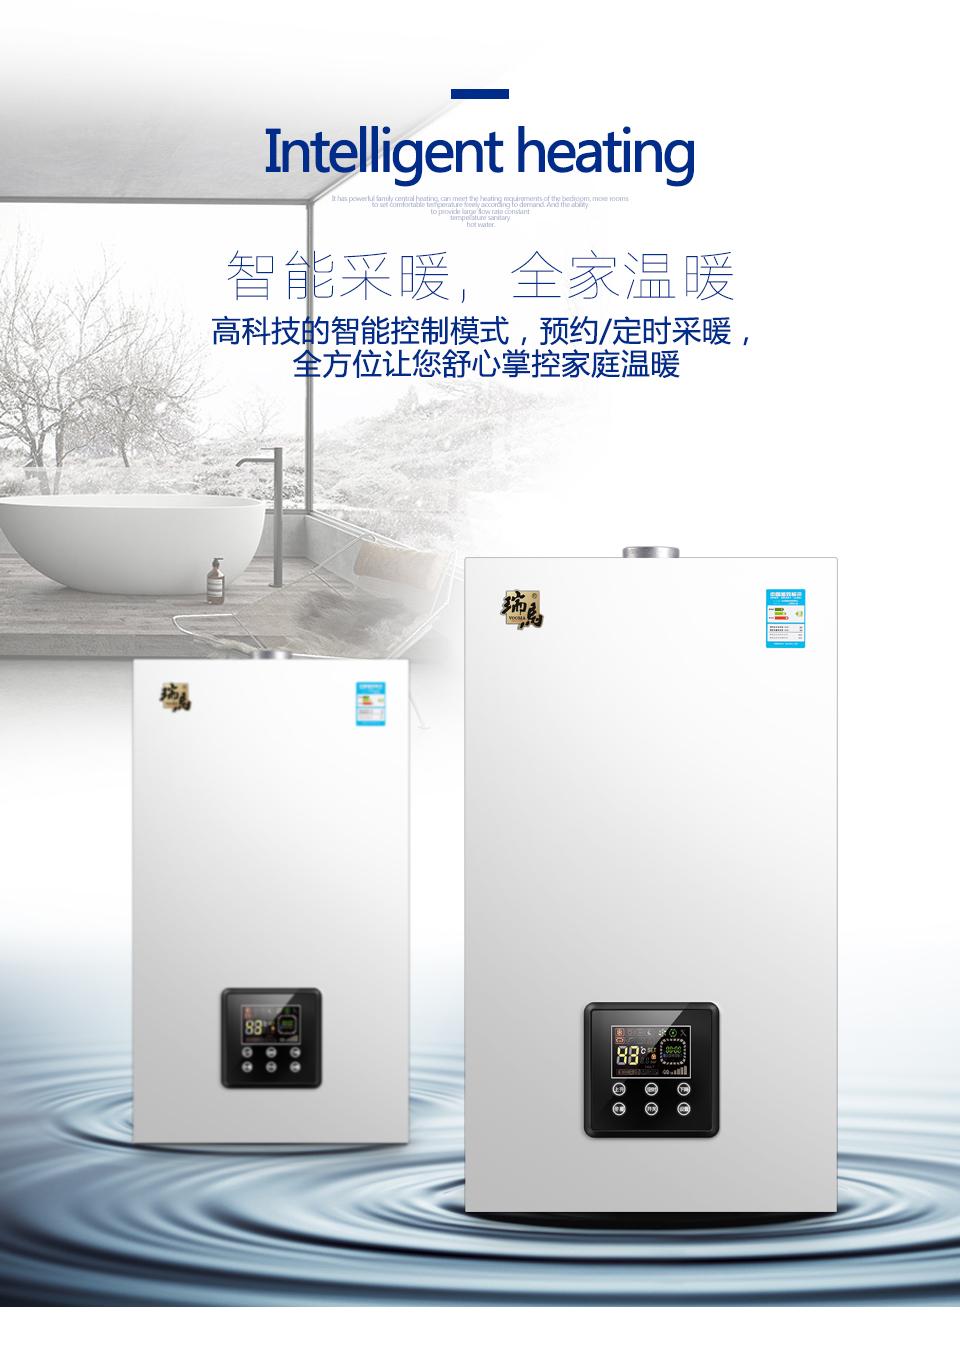 瑞马VM-A4系列葡京国际娱乐注册智能采暖,全家温暖